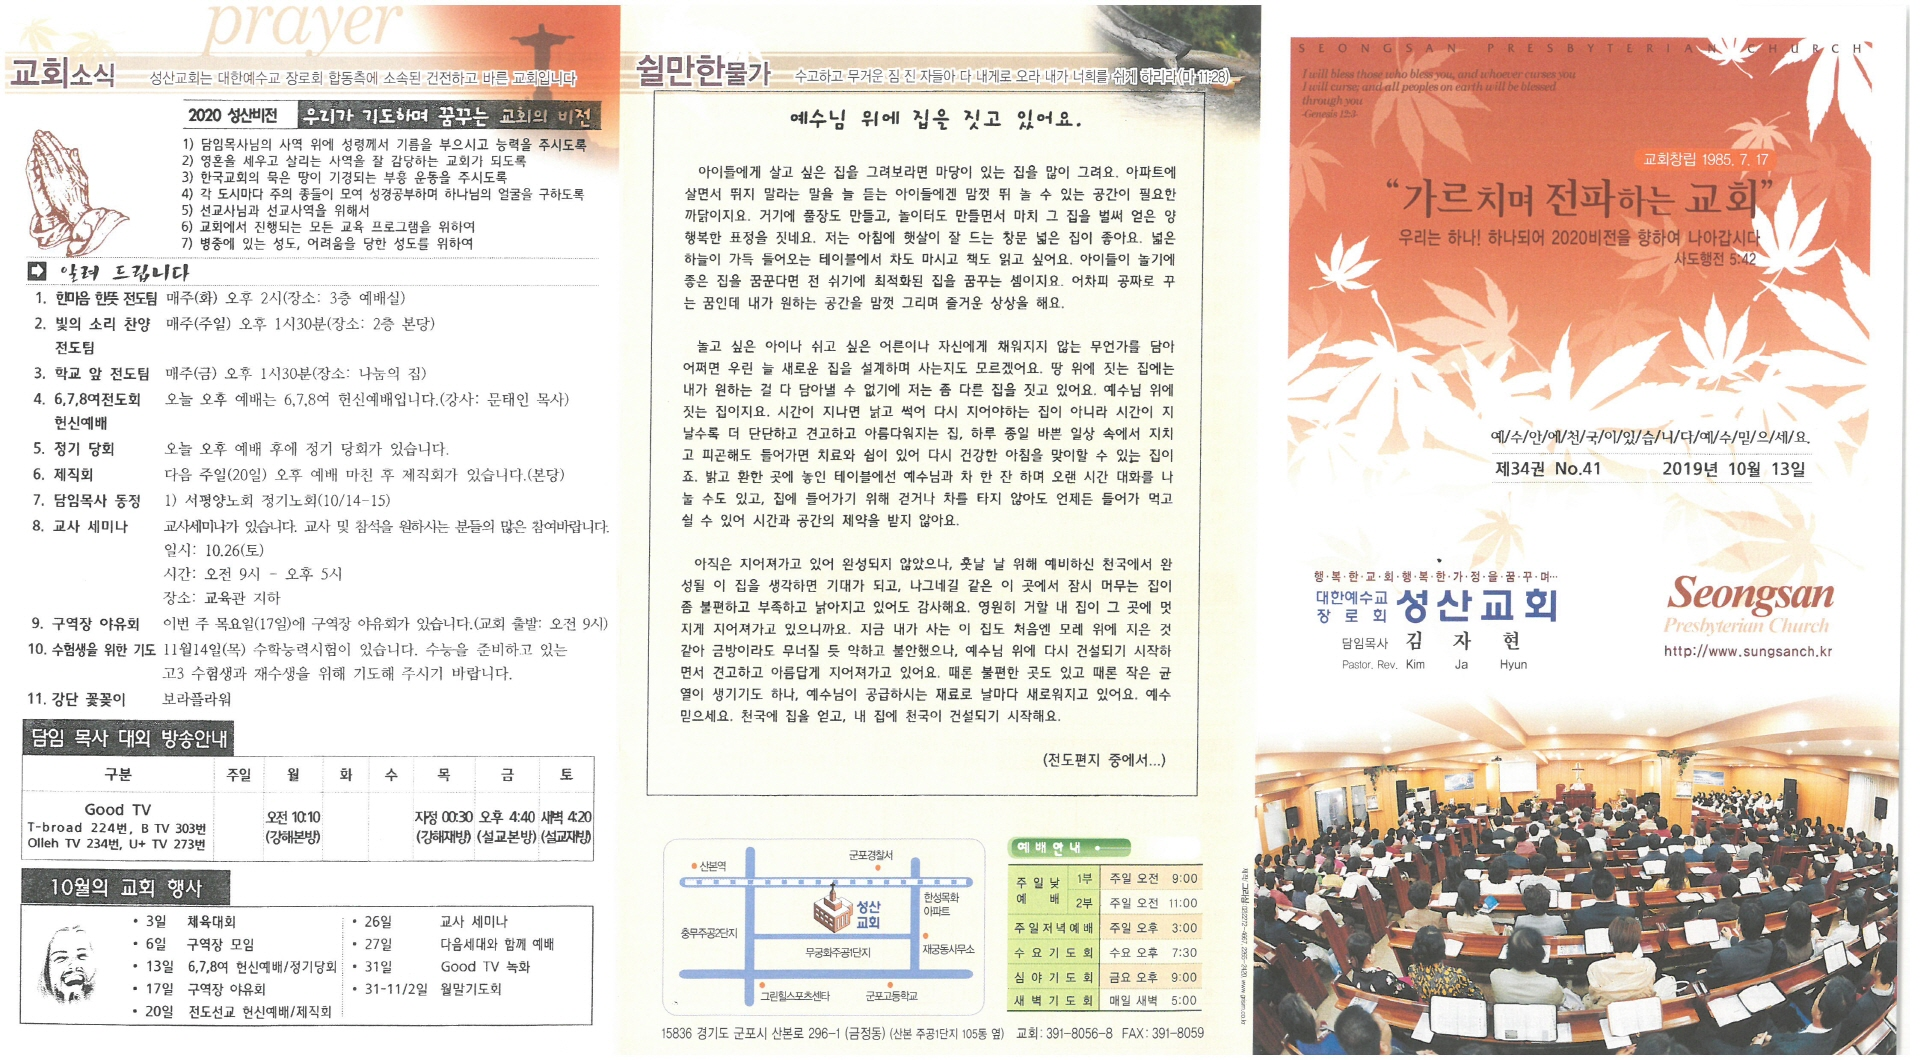 축소S22C-6e19101212380_0001.jpg